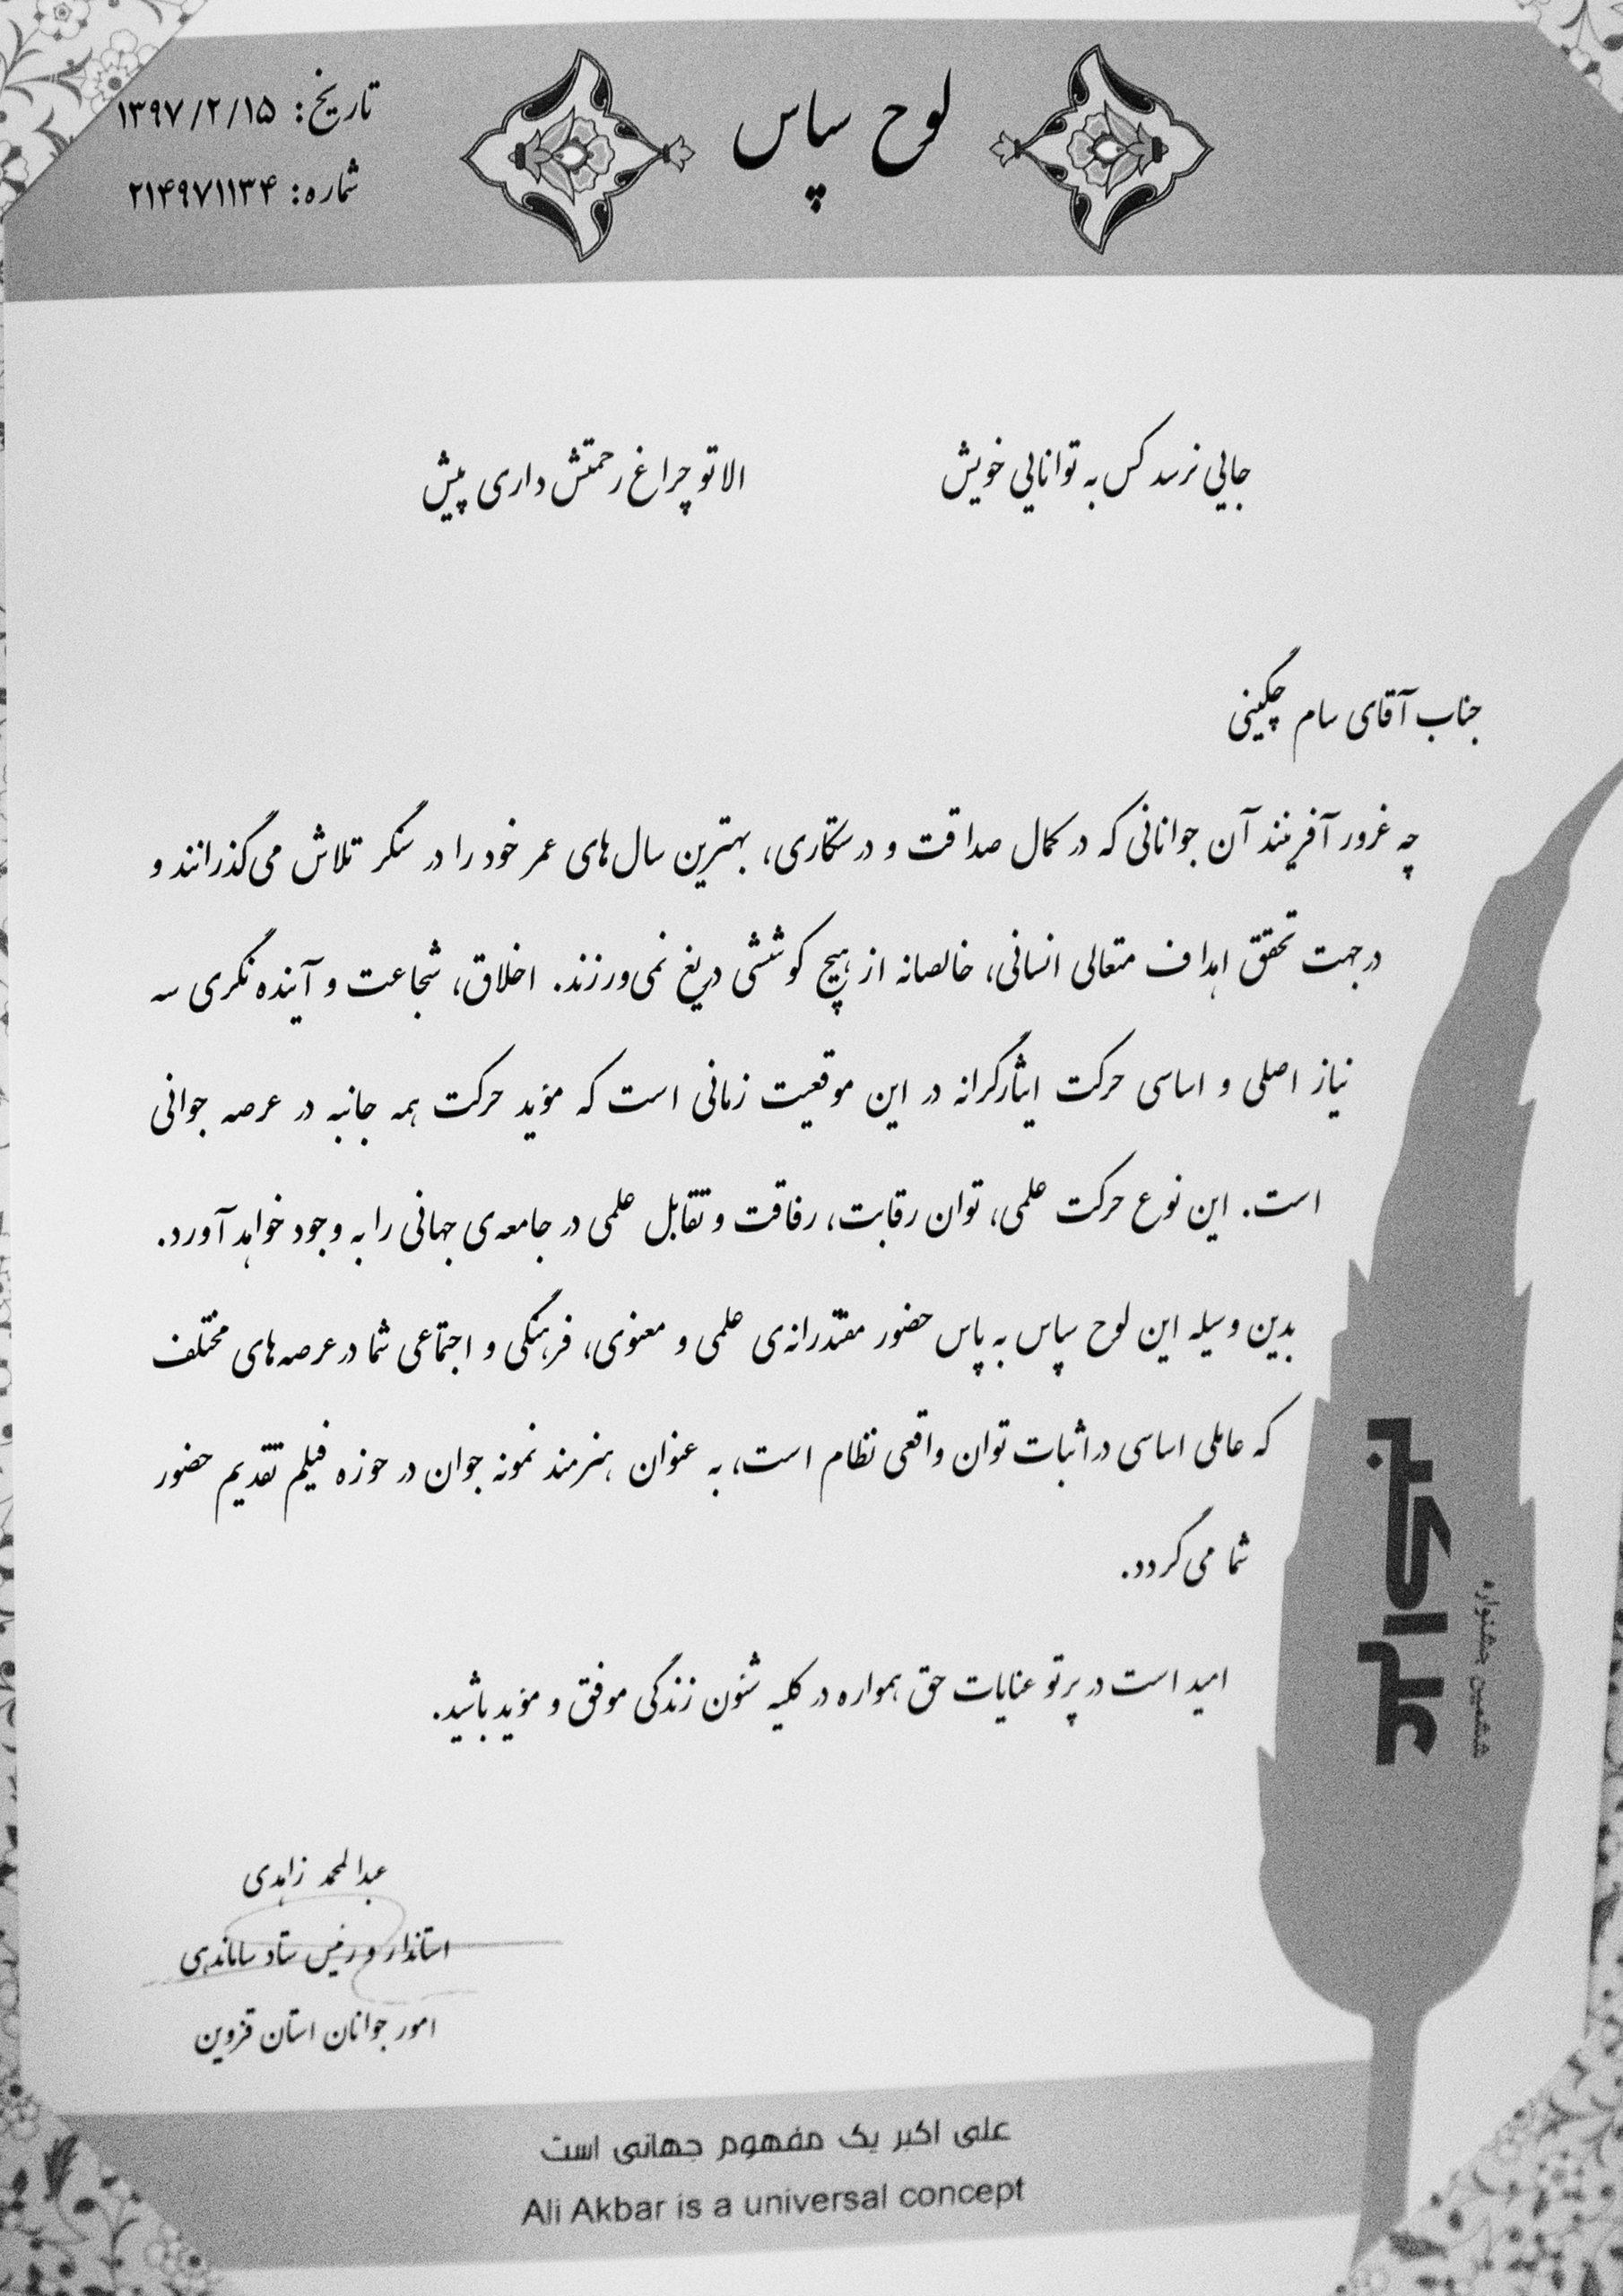 Certificate from Ali Akbar Festival